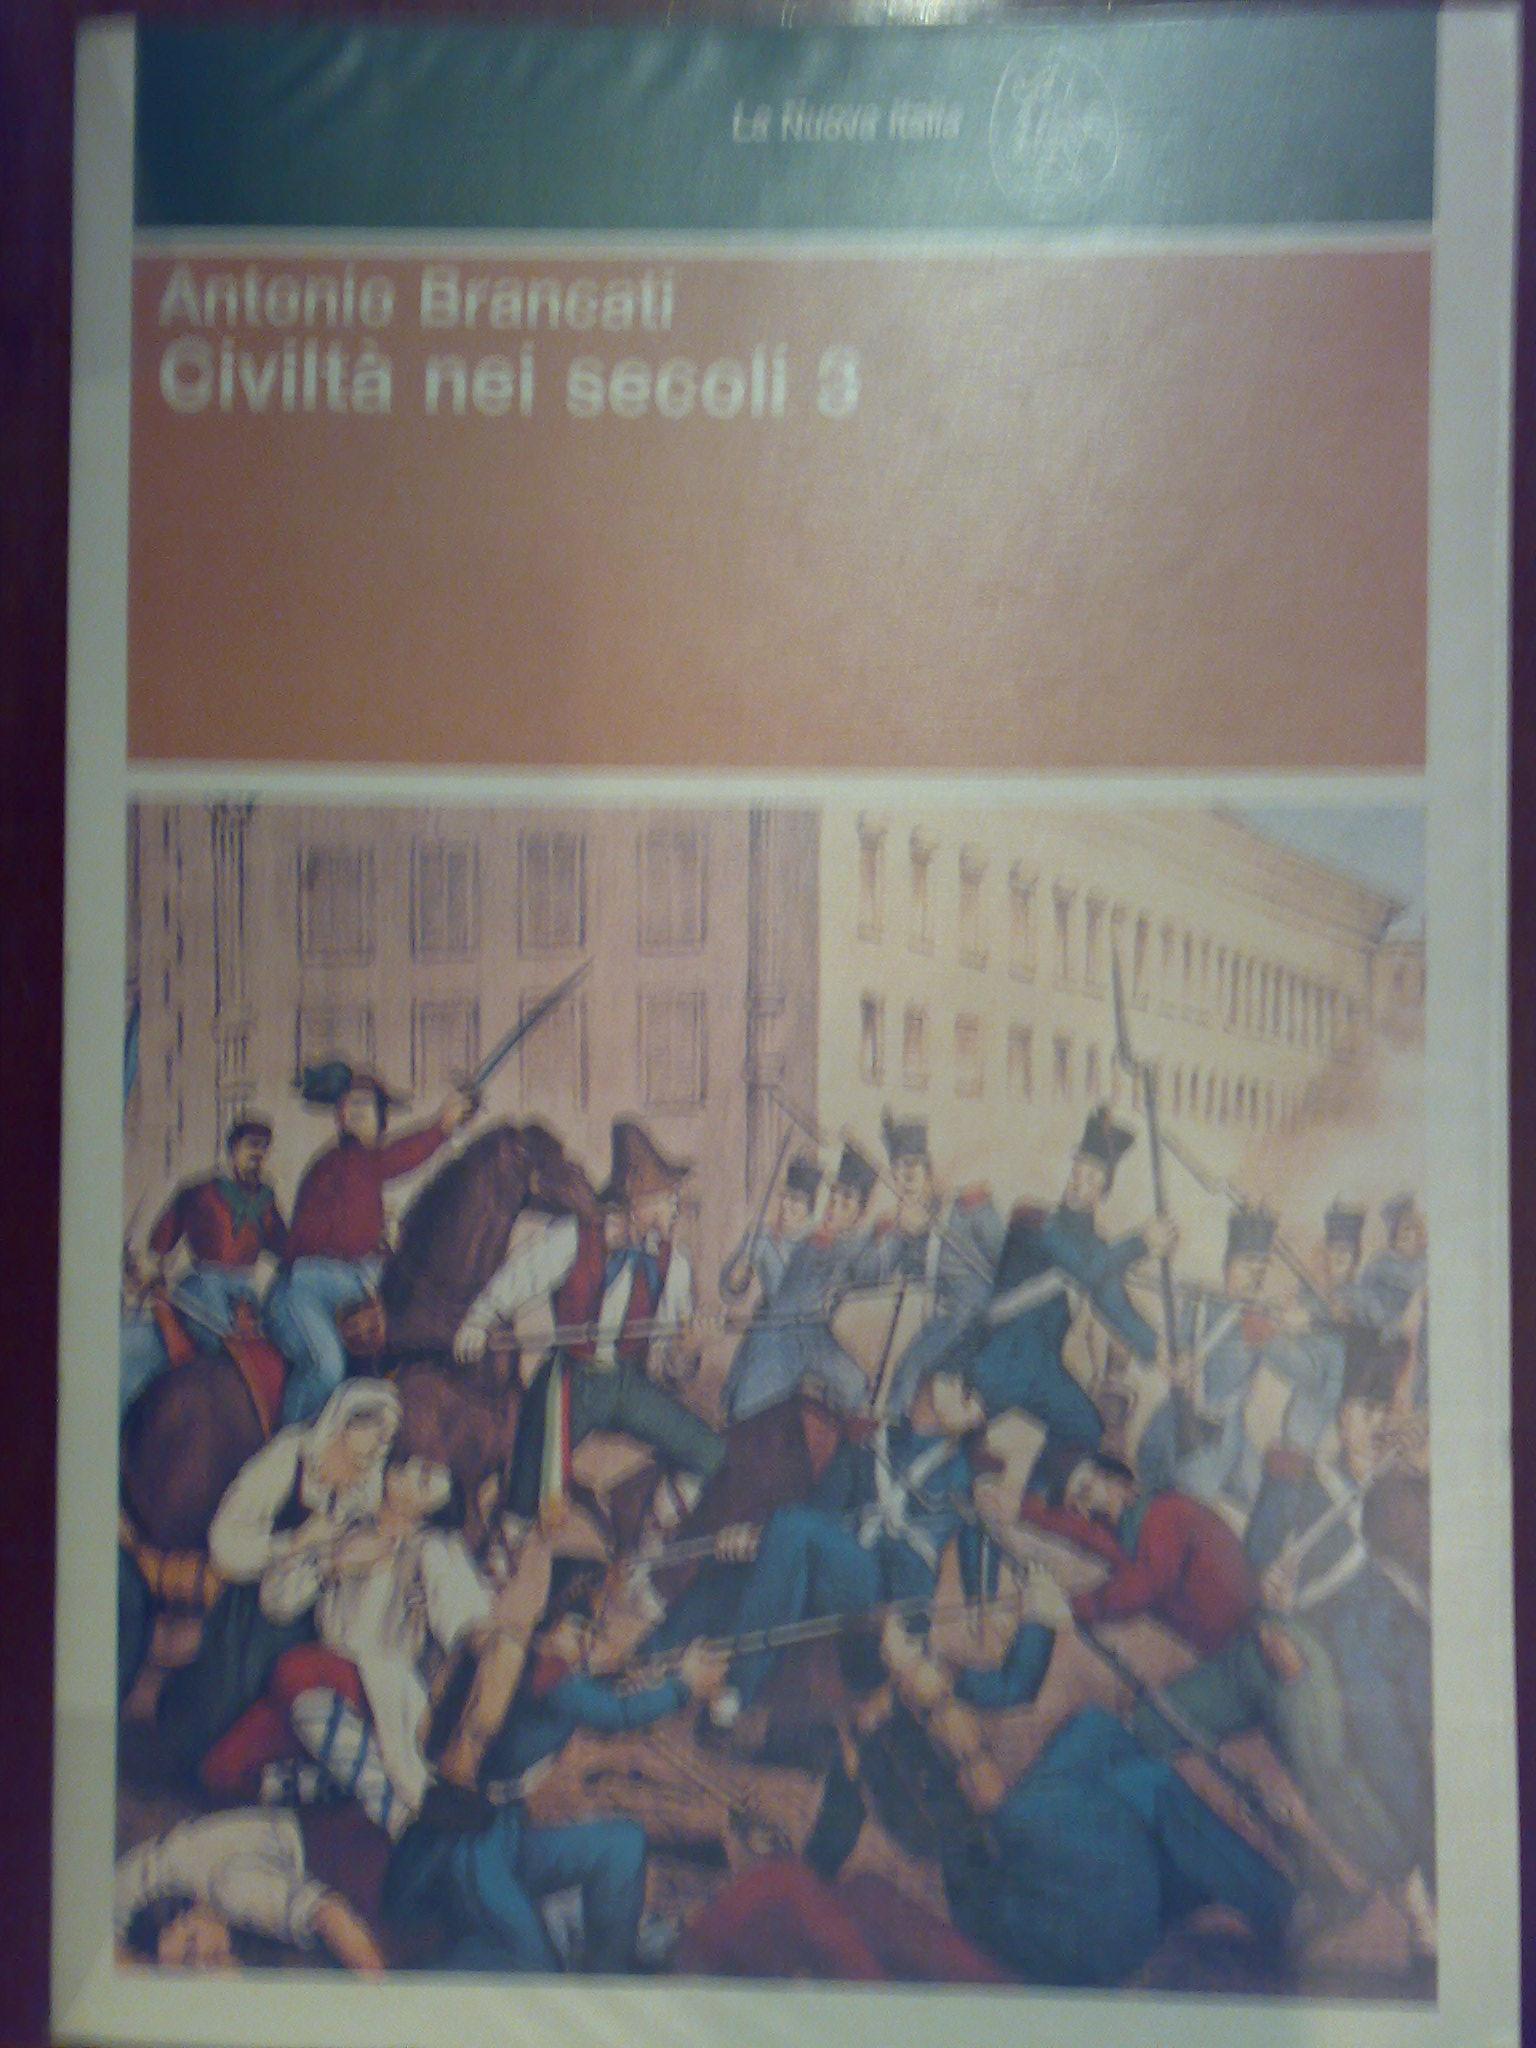 Civiltà nei secoli ...